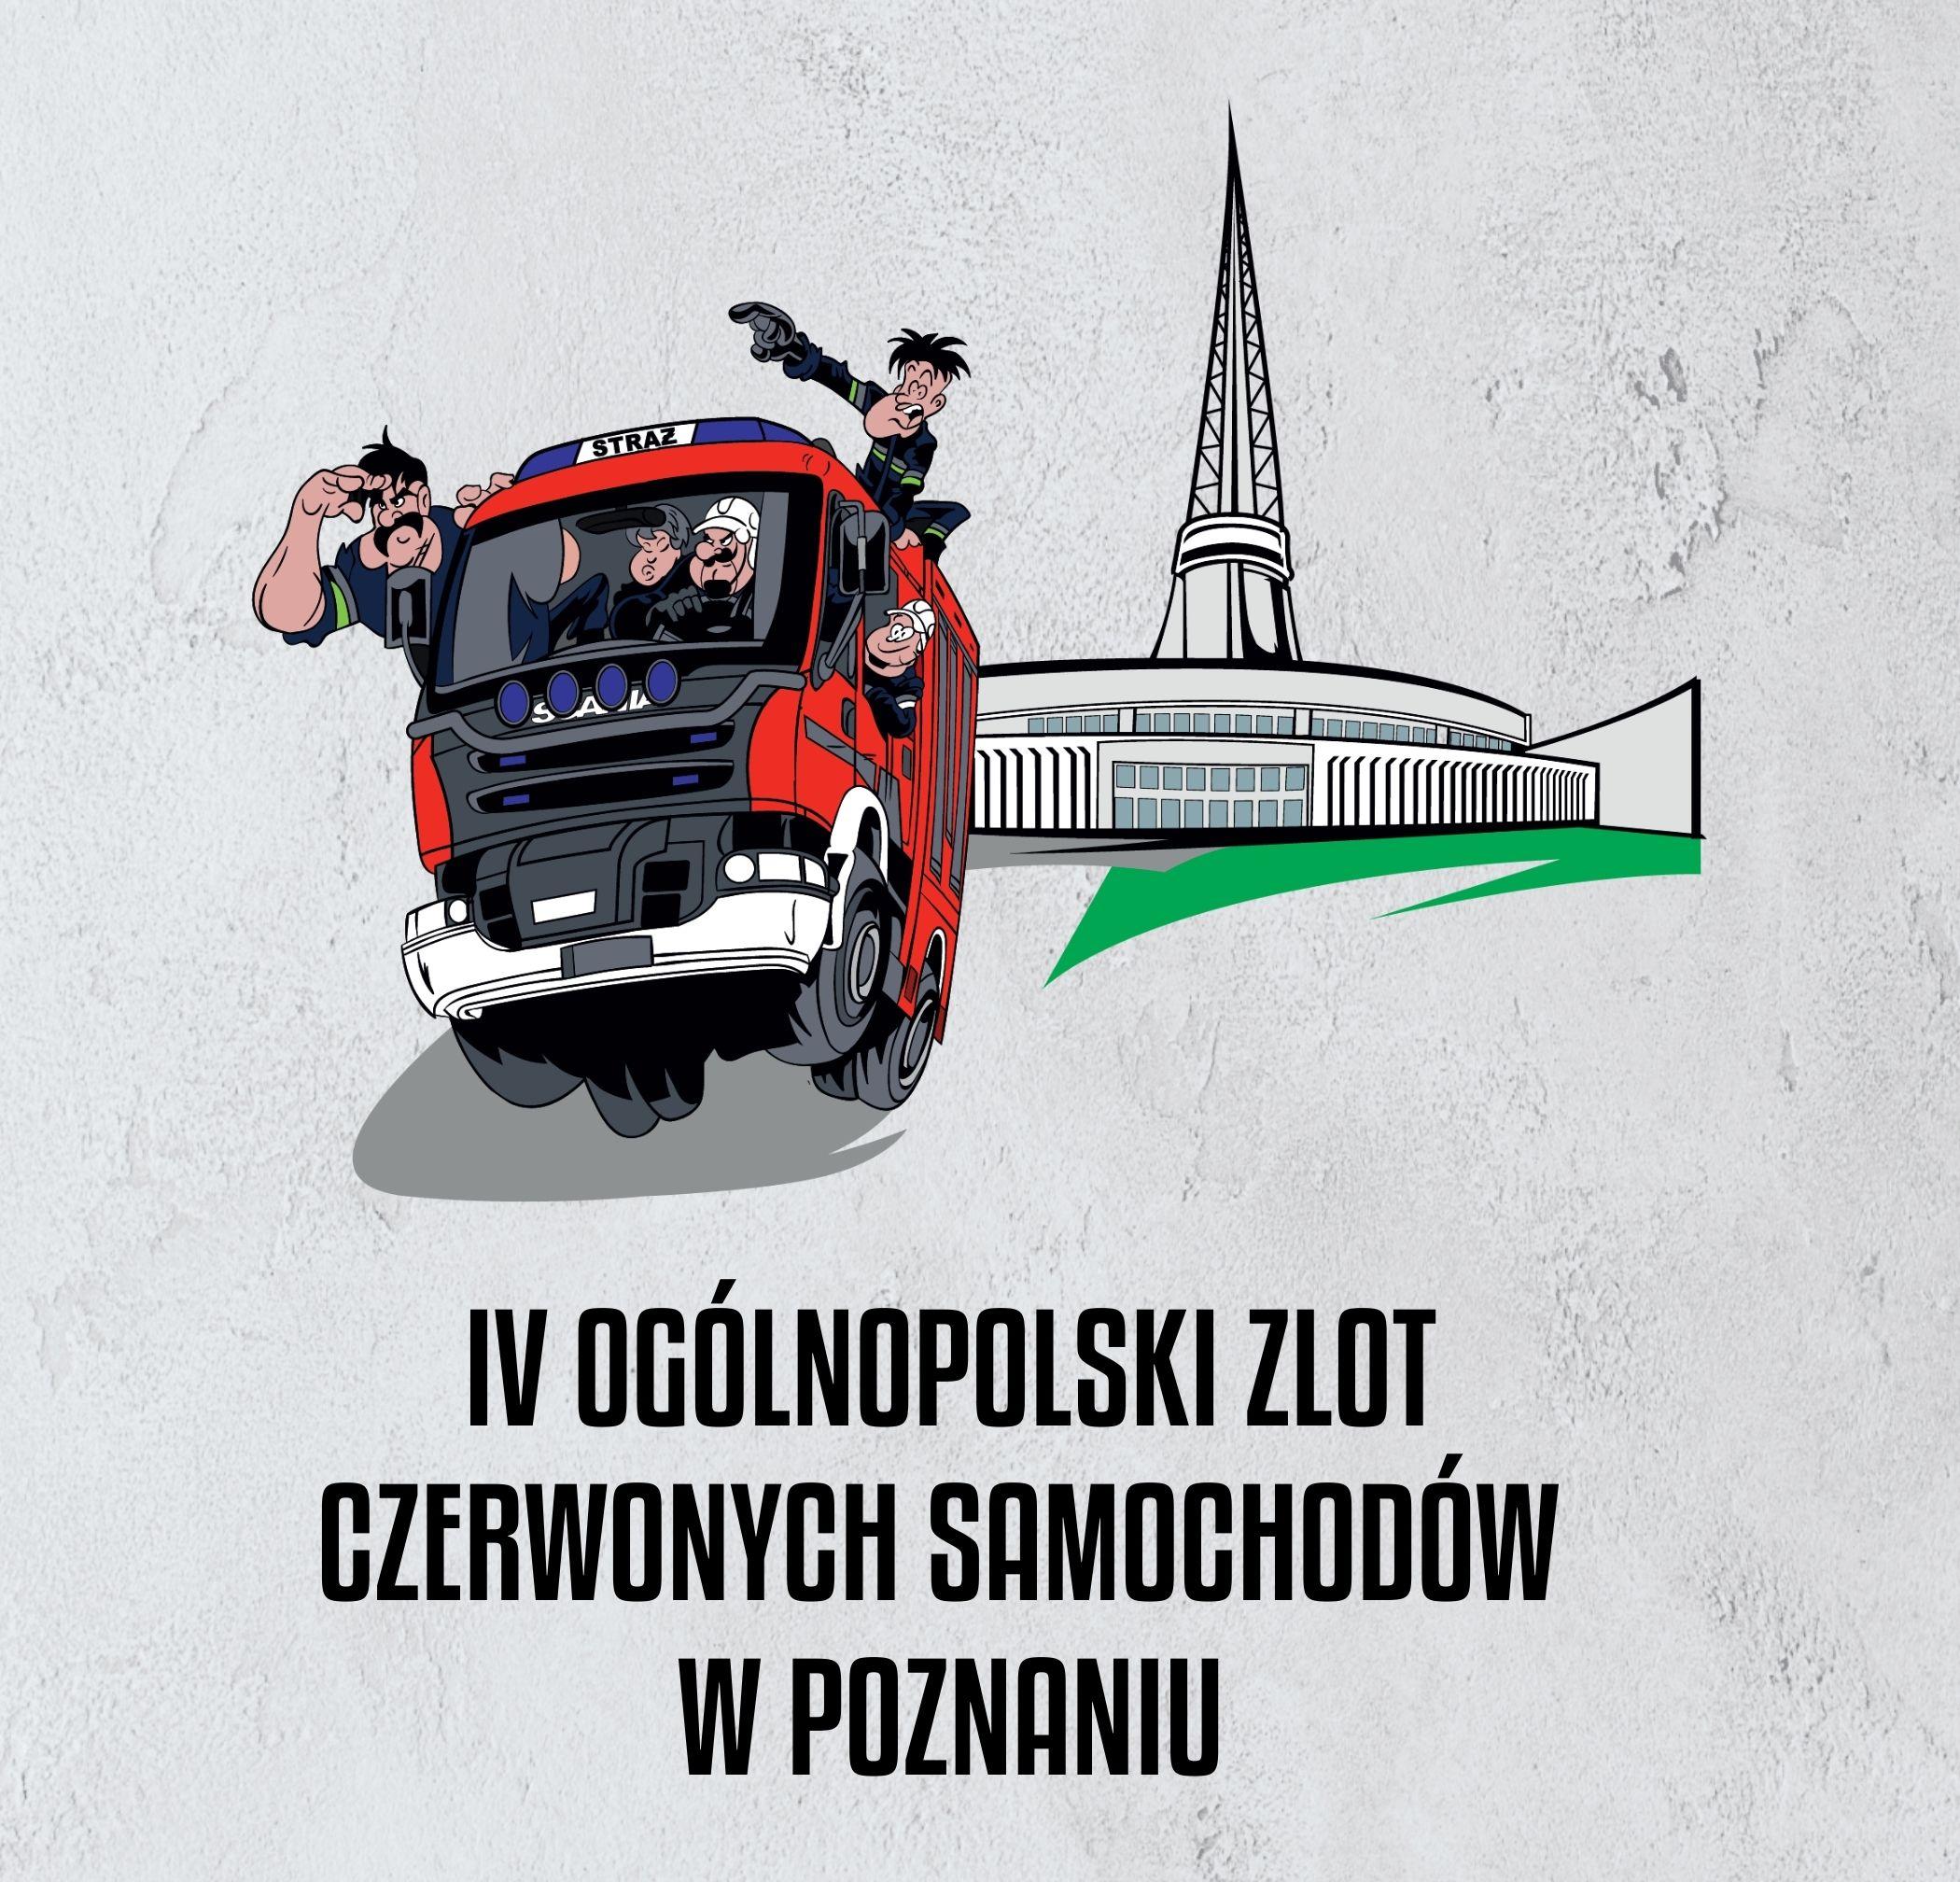 IV Ogólnopolski Zlot Czerwonych Samochodów